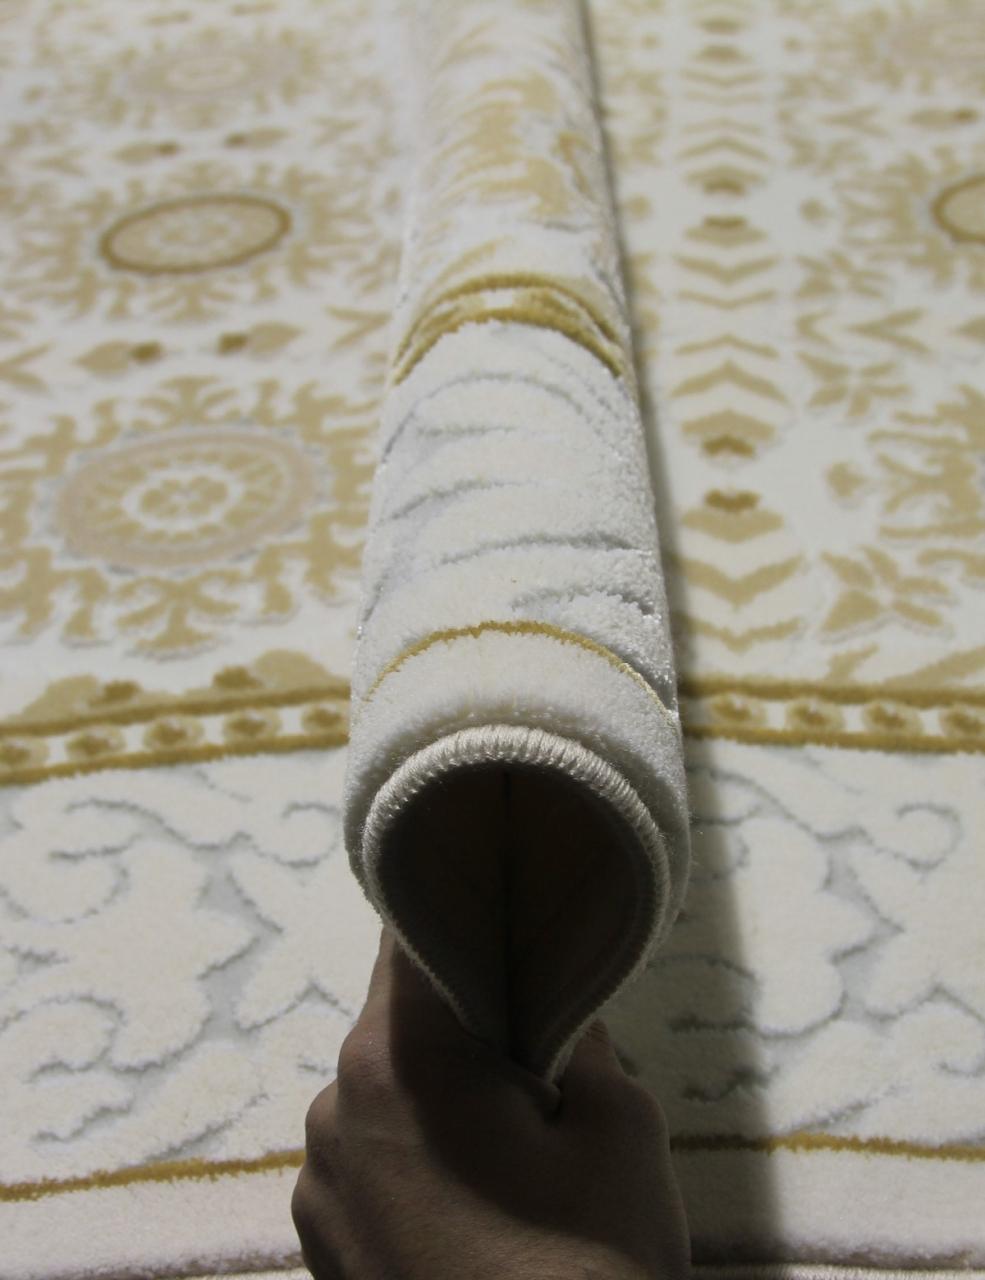 Ковер 13275 - 060 - Прямоугольник - коллекция RAMSES - фото 2